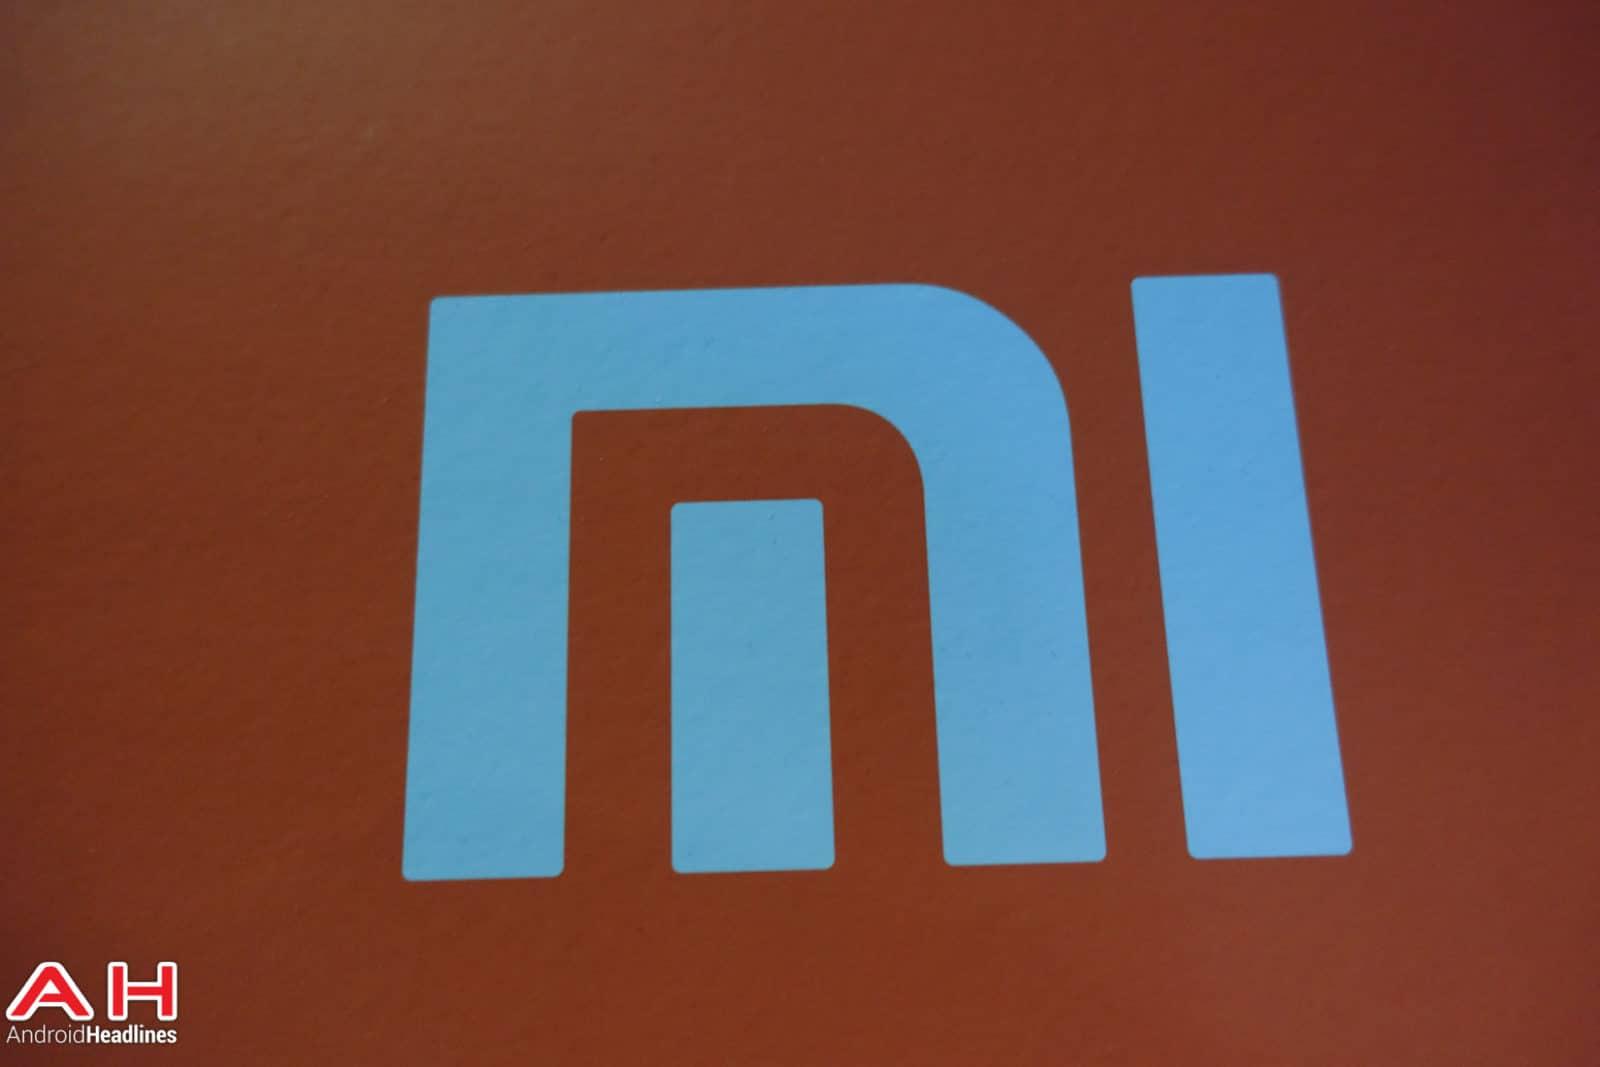 Xiaomi-Logo-AH-03752